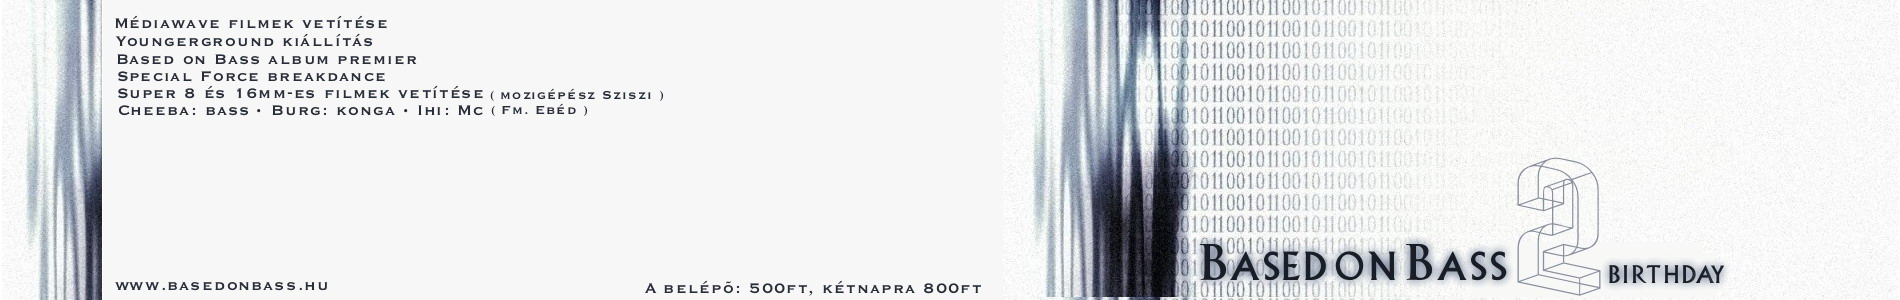 20020315-16 Soho 2